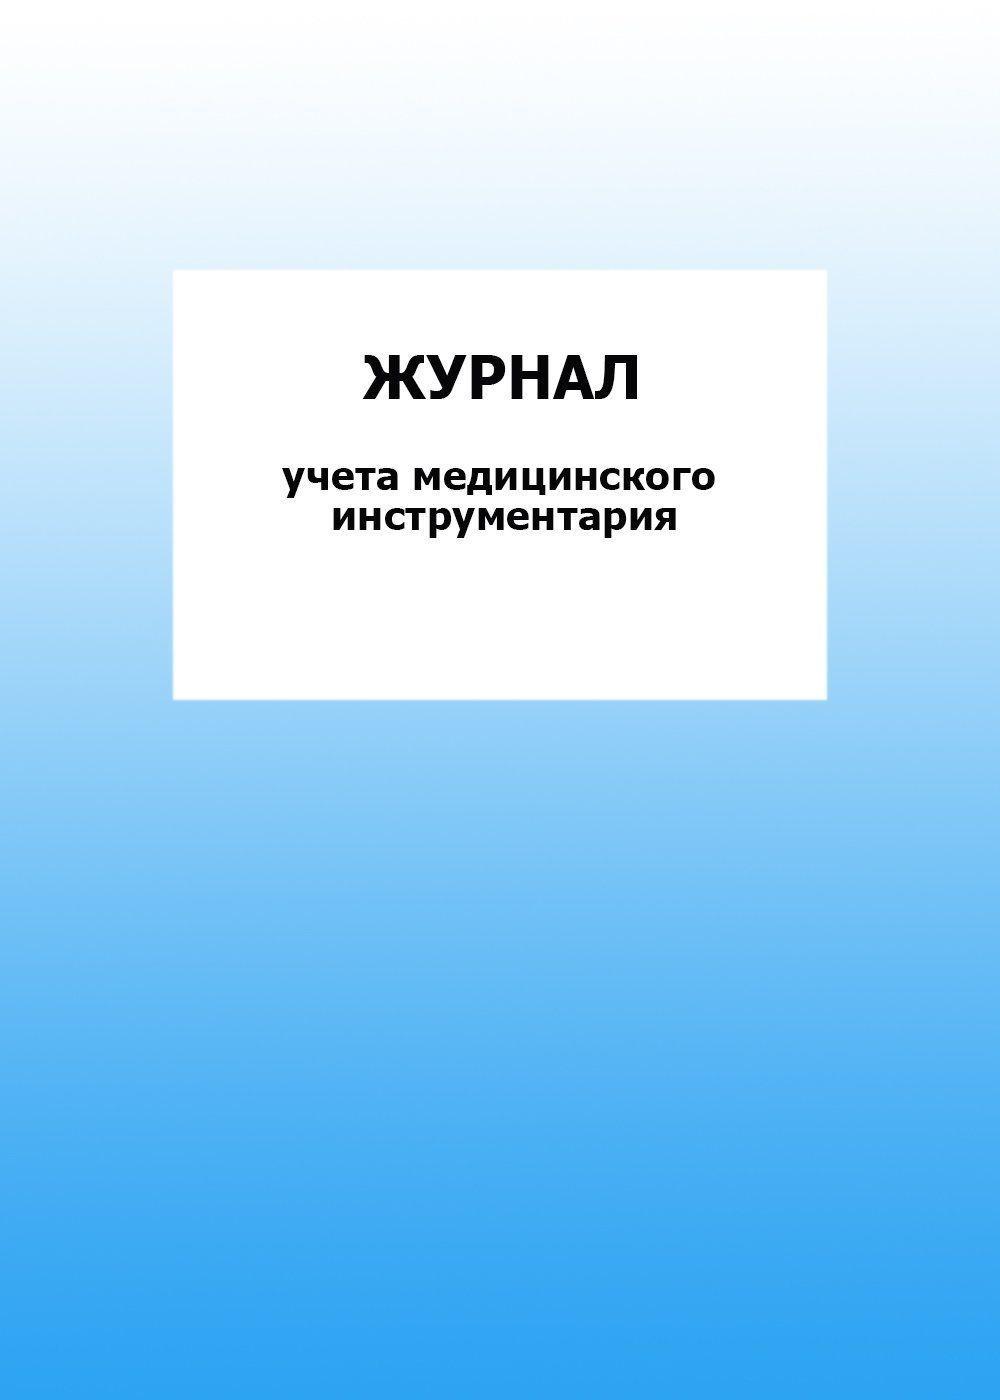 Журнал учета медицинского инструментария: упаковка 100 шт.